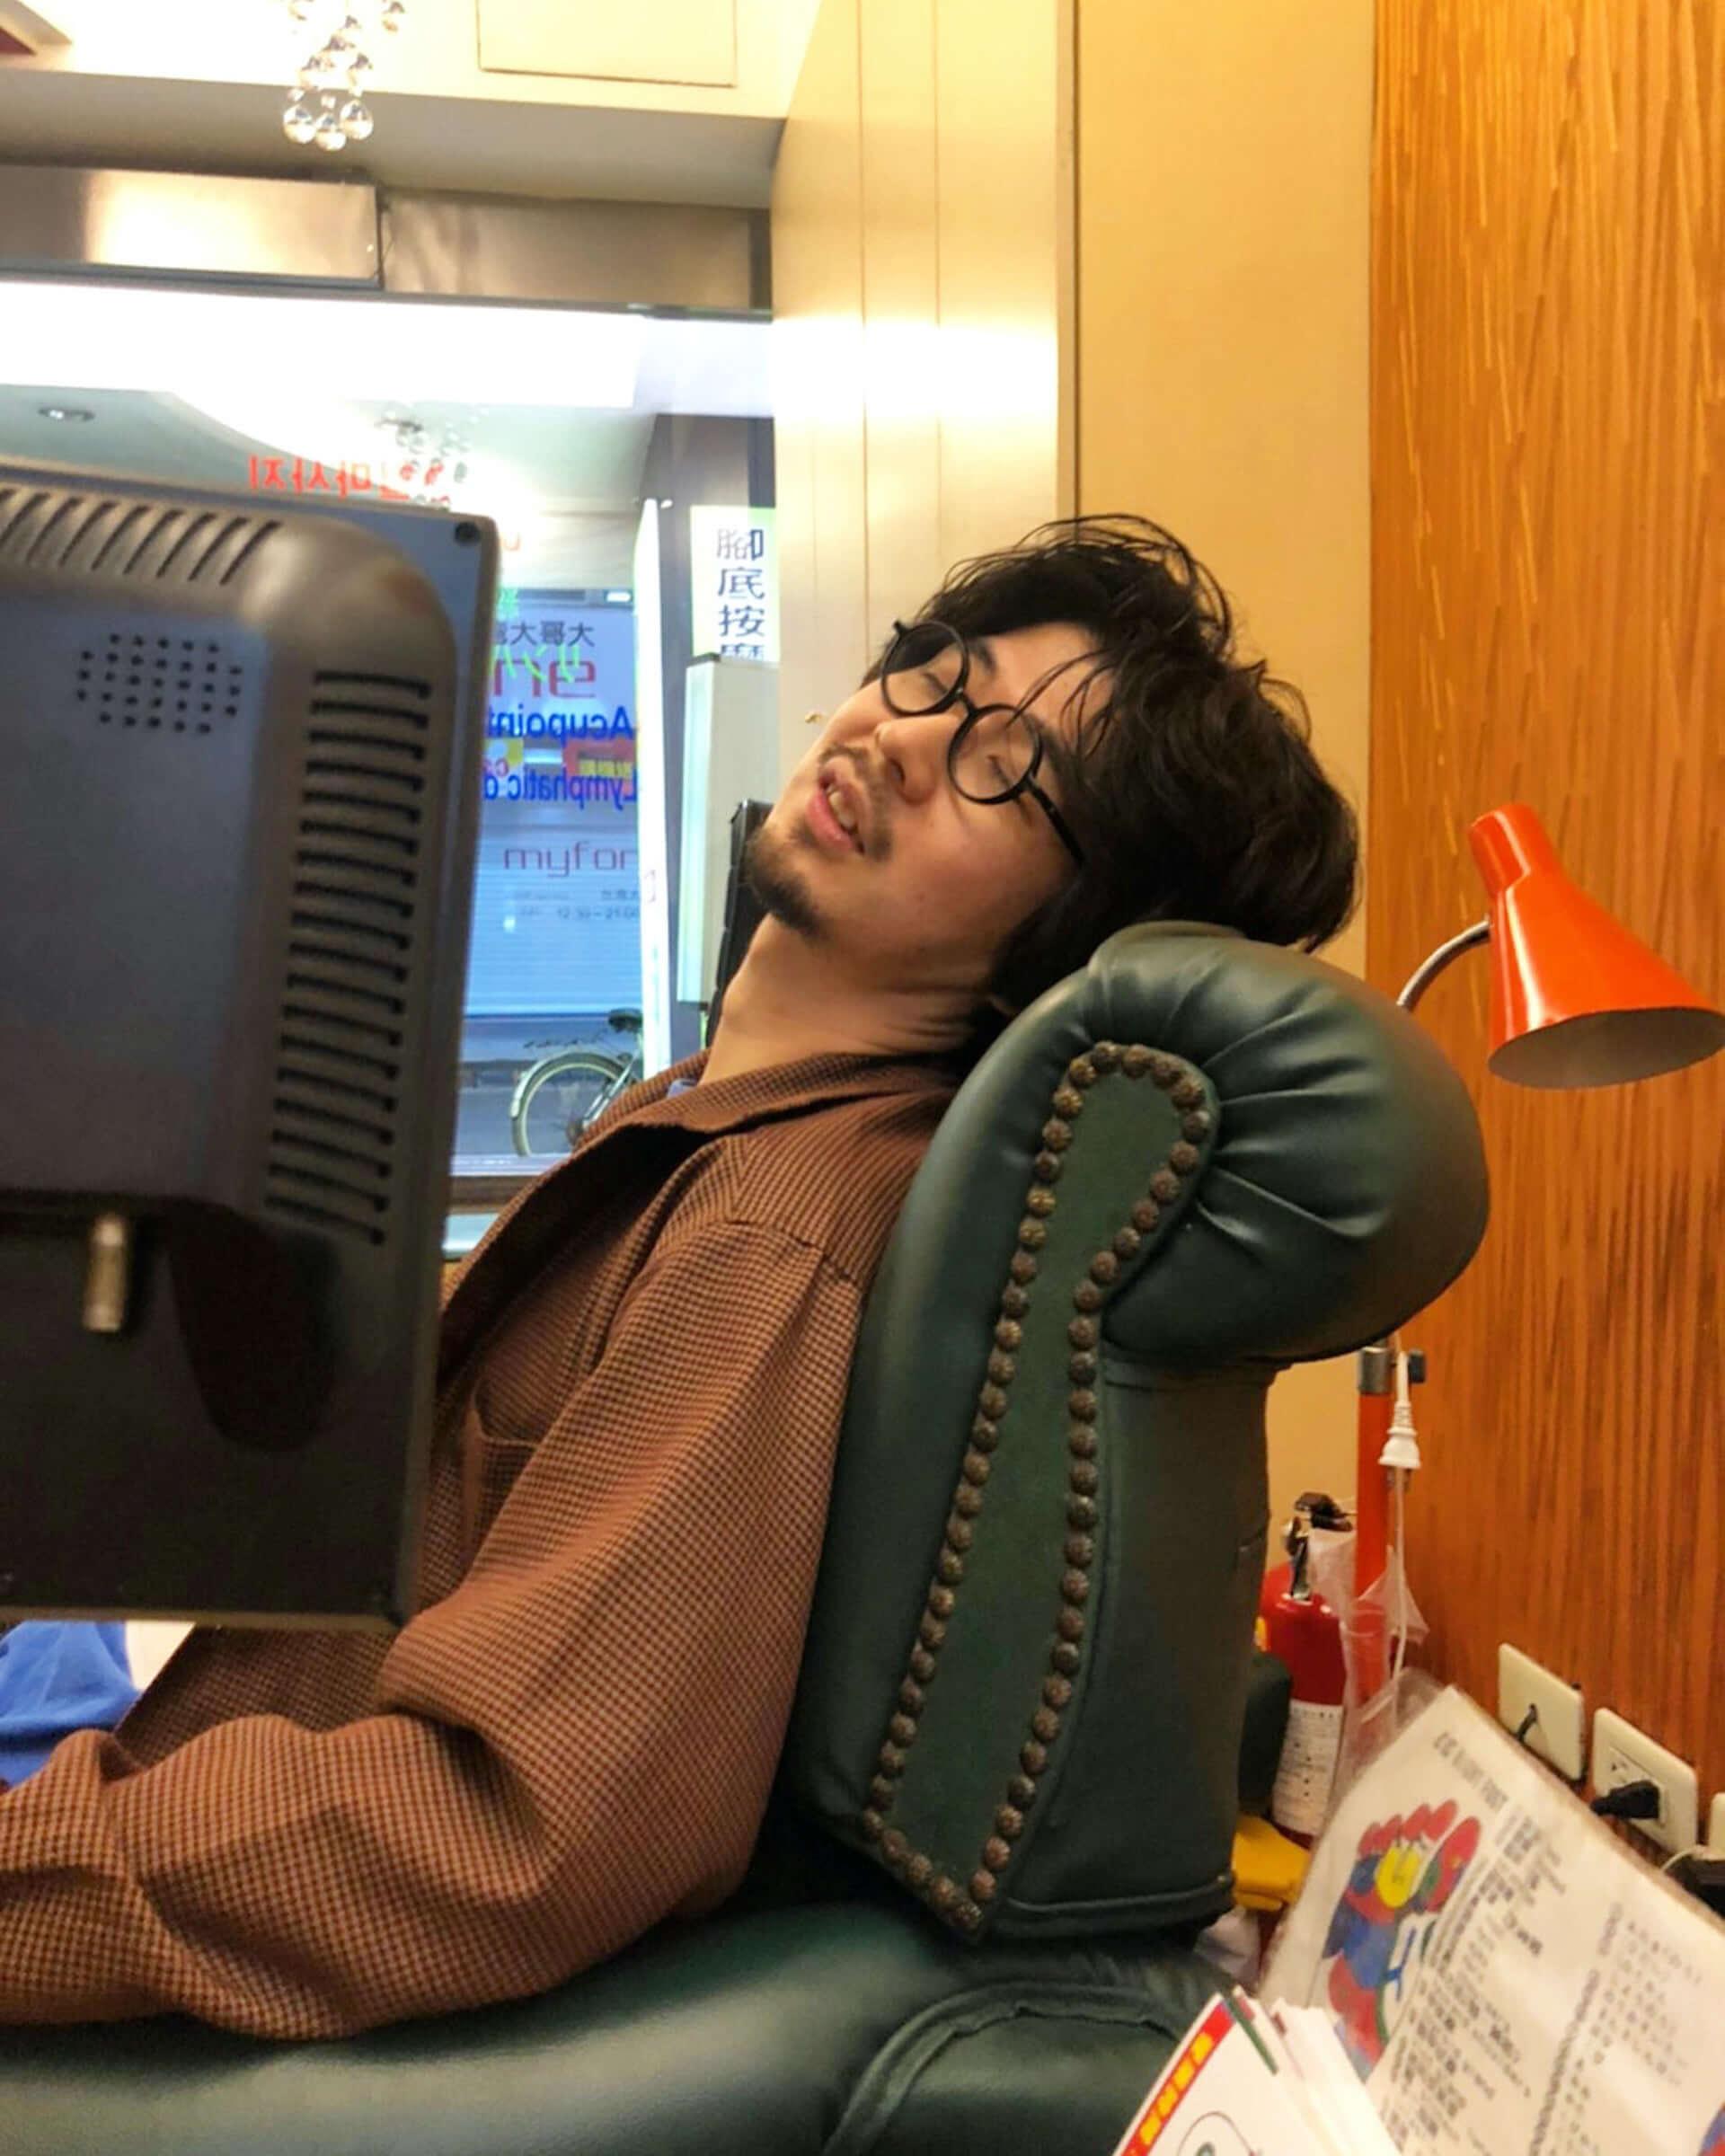 菅原慎一×竹内将子がアジアカルチャーに特化したPodcast番組『好玩電台』を「LIVE LOVERS」にて始動!イラストデザインは小林ラン music200713_haowandentai-podcast_2-1920x2400